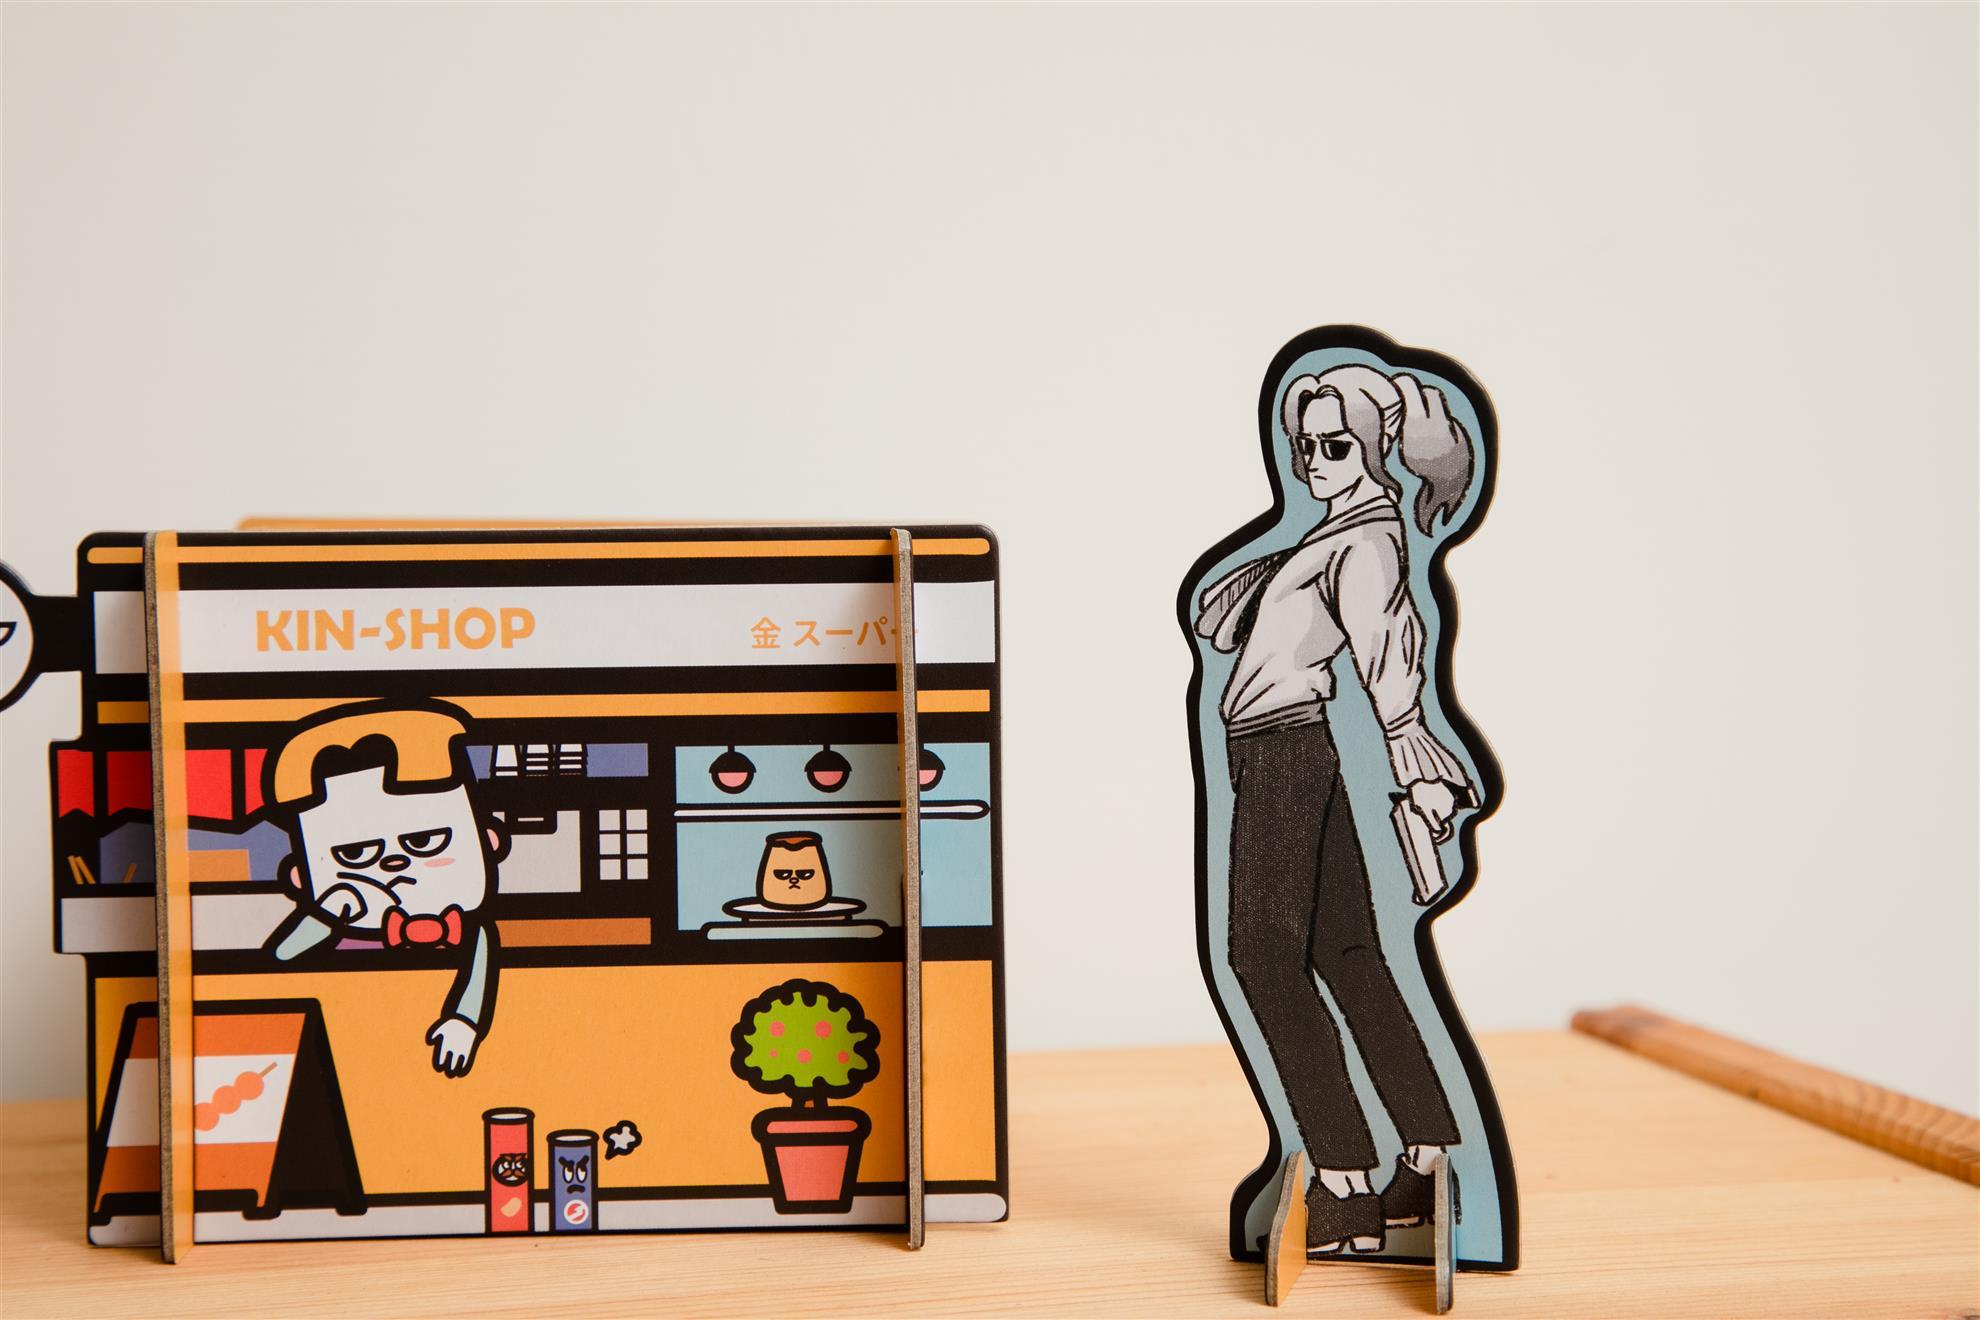 獨家金超市置物架x-金馬桶搞笑漫畫 KIN MA TON